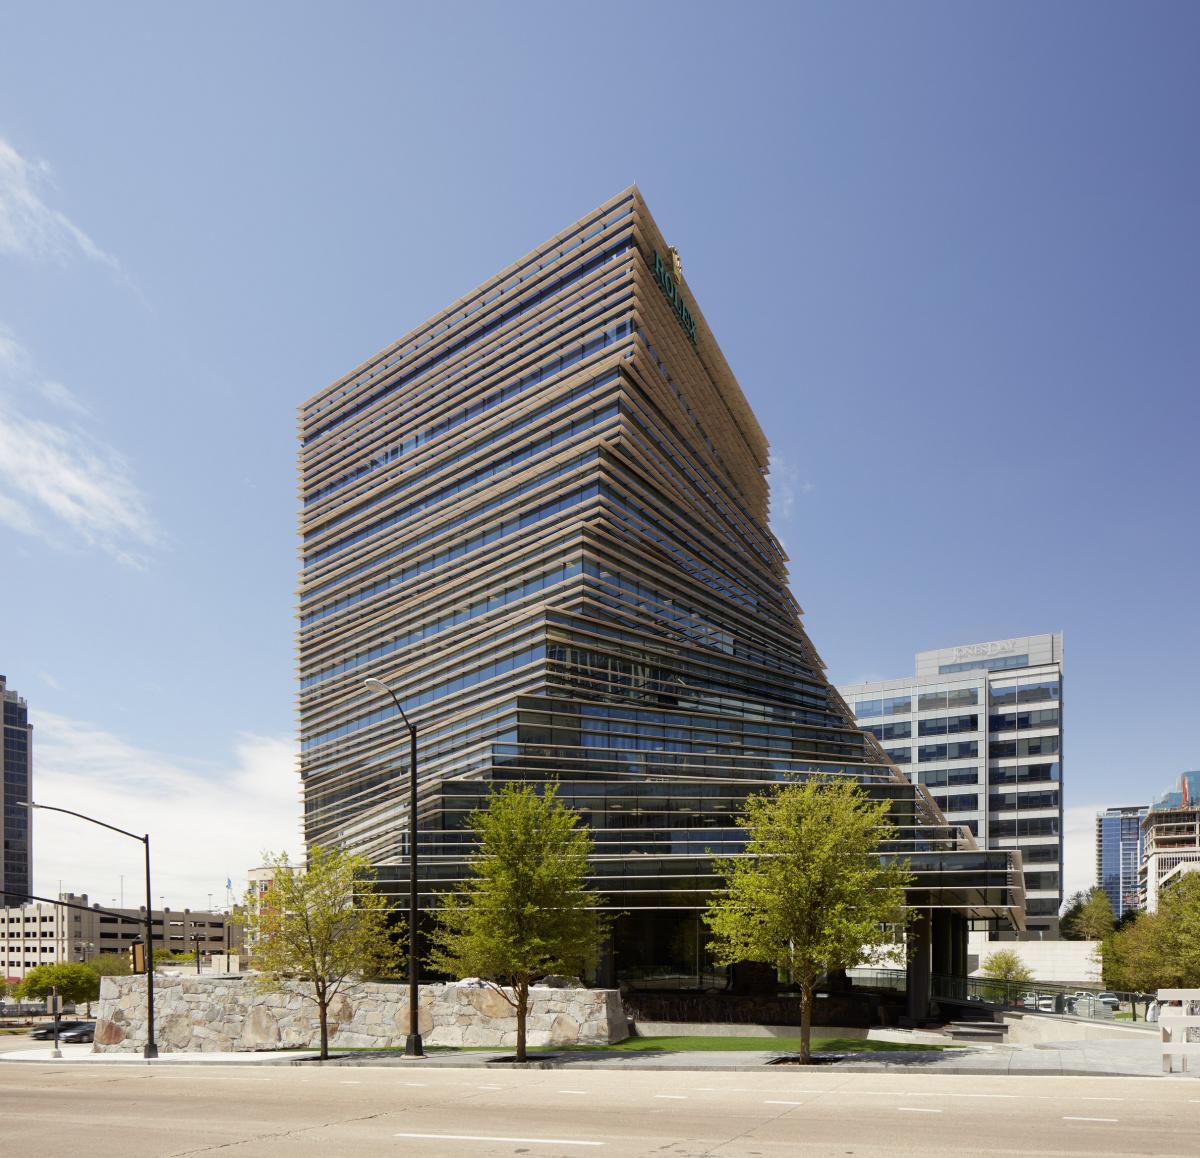 自社建築などを通して結ばれる、著名建築家との絆。